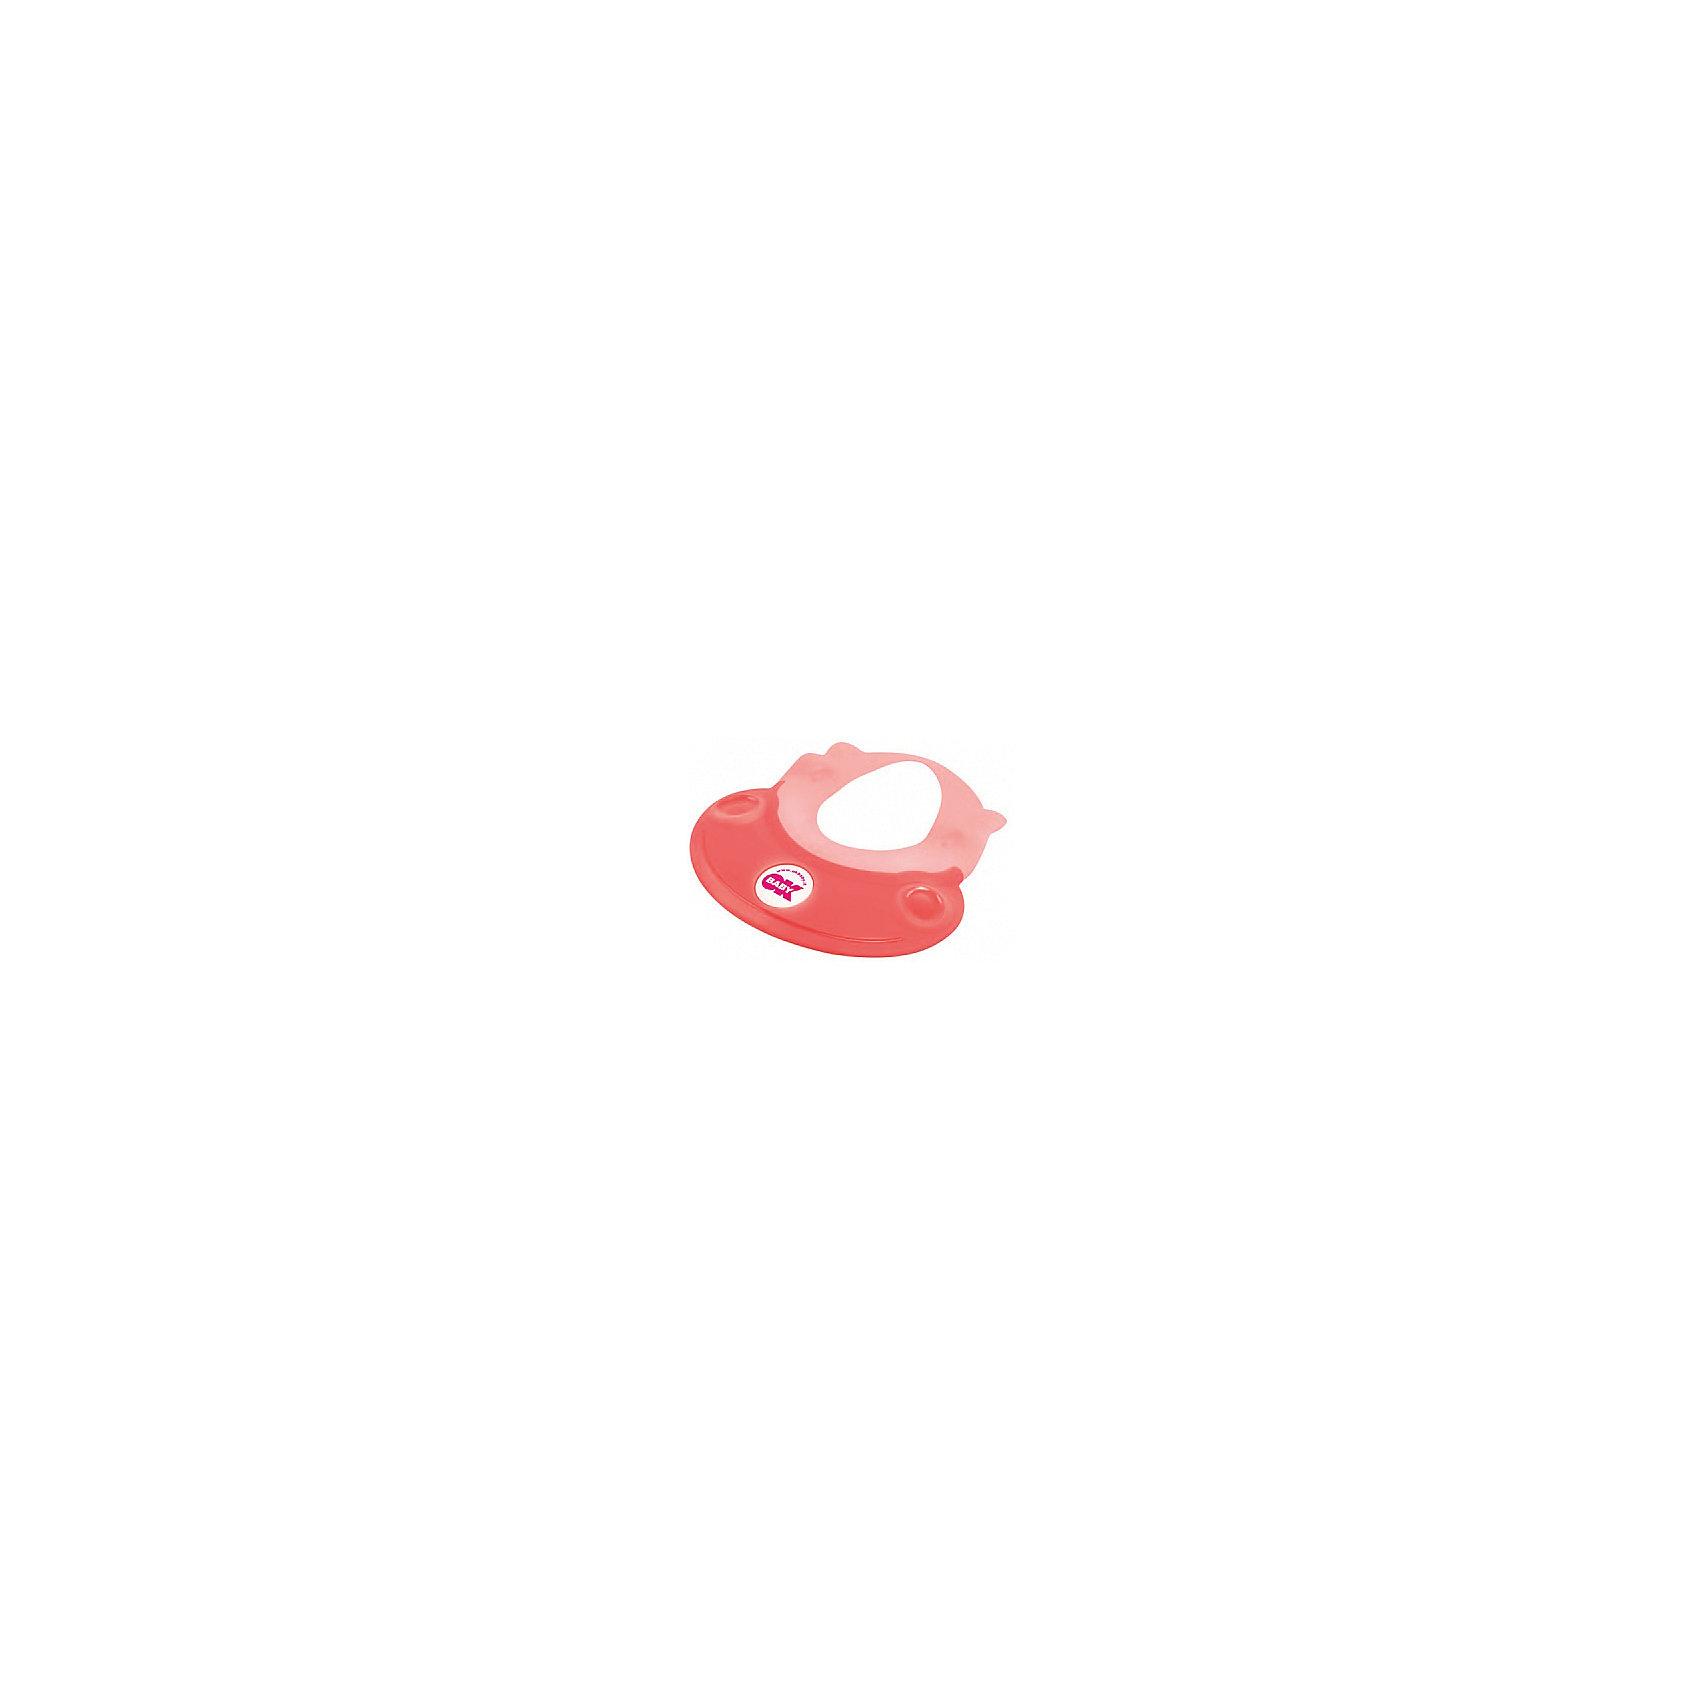 OK Baby Козырек для купания Hippo, Ok Baby, розовый roxy kids козырек защитный для мытья головы rbc 492 g зеленый от 6 месяцев до 3 лет